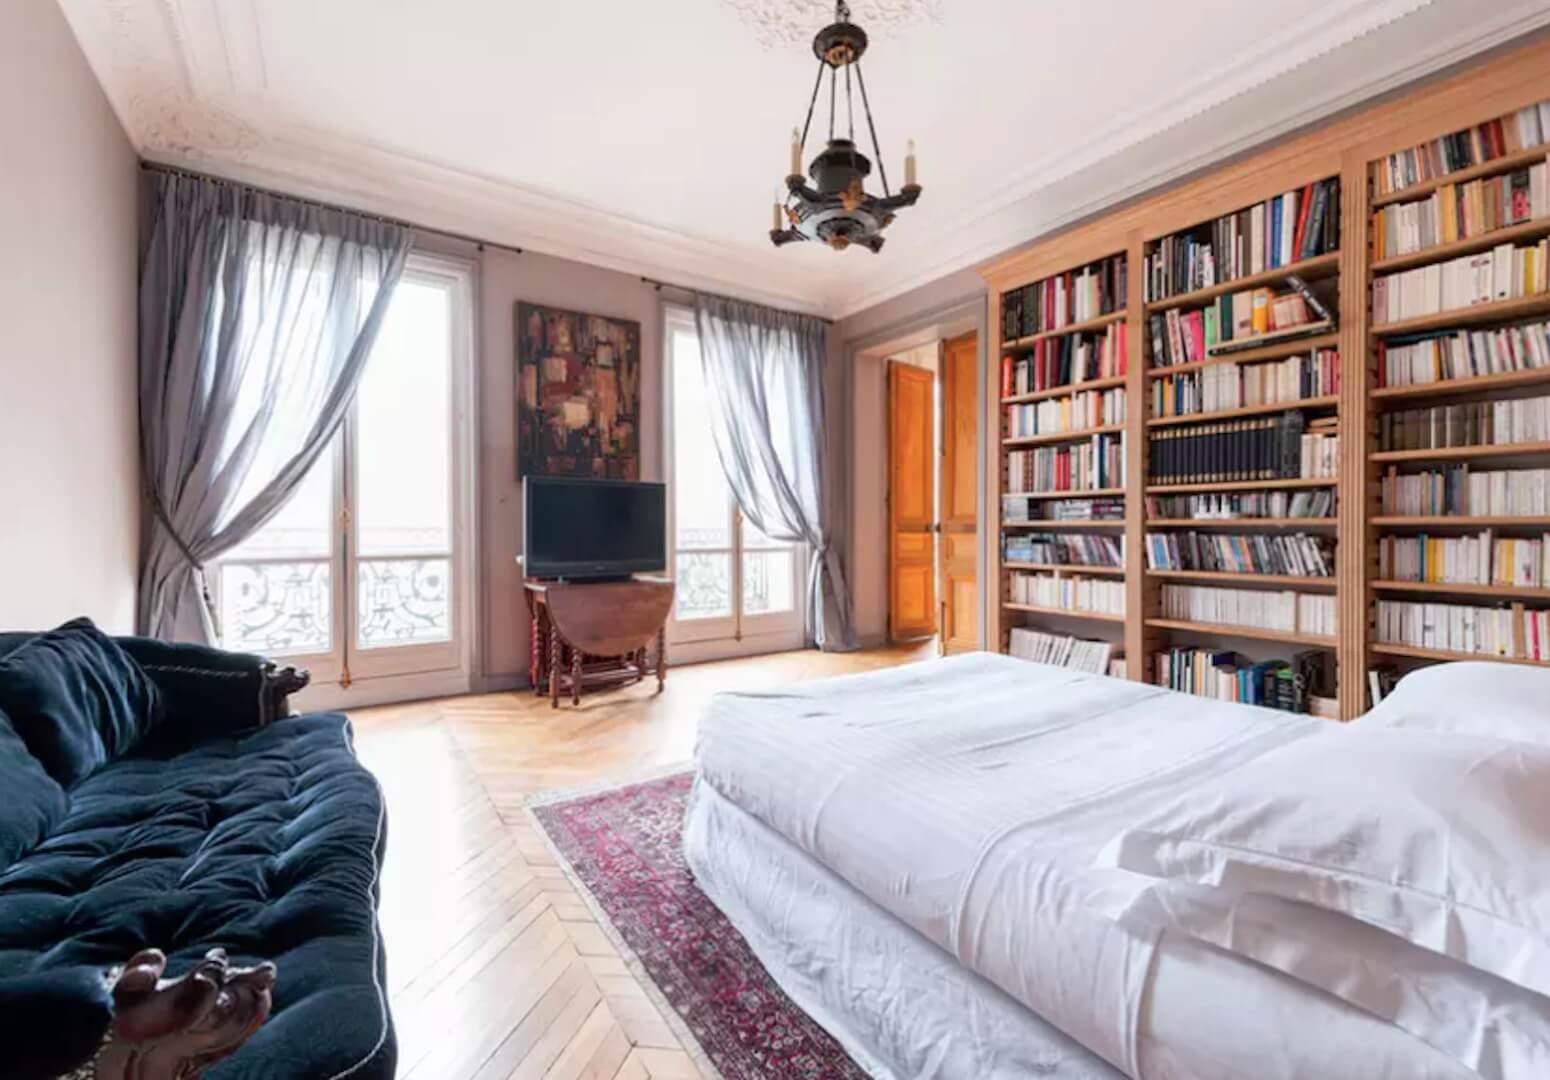 est living travel paris guide homes left bank boulevard saint germain 4